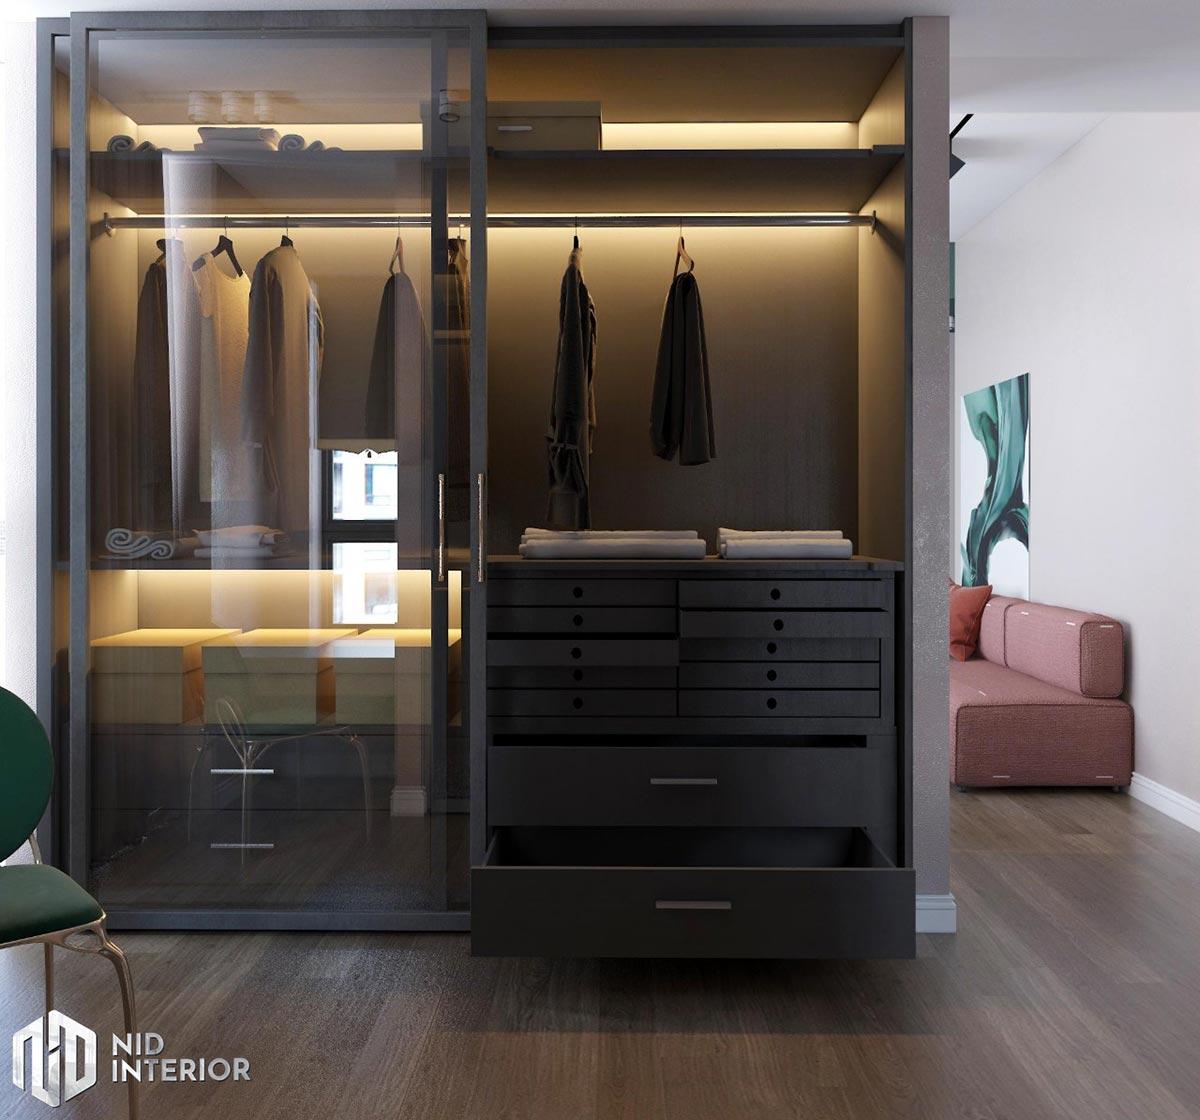 Thiết kế nội thất căn hộ Sunrise City South Towers - Tủ quần áo